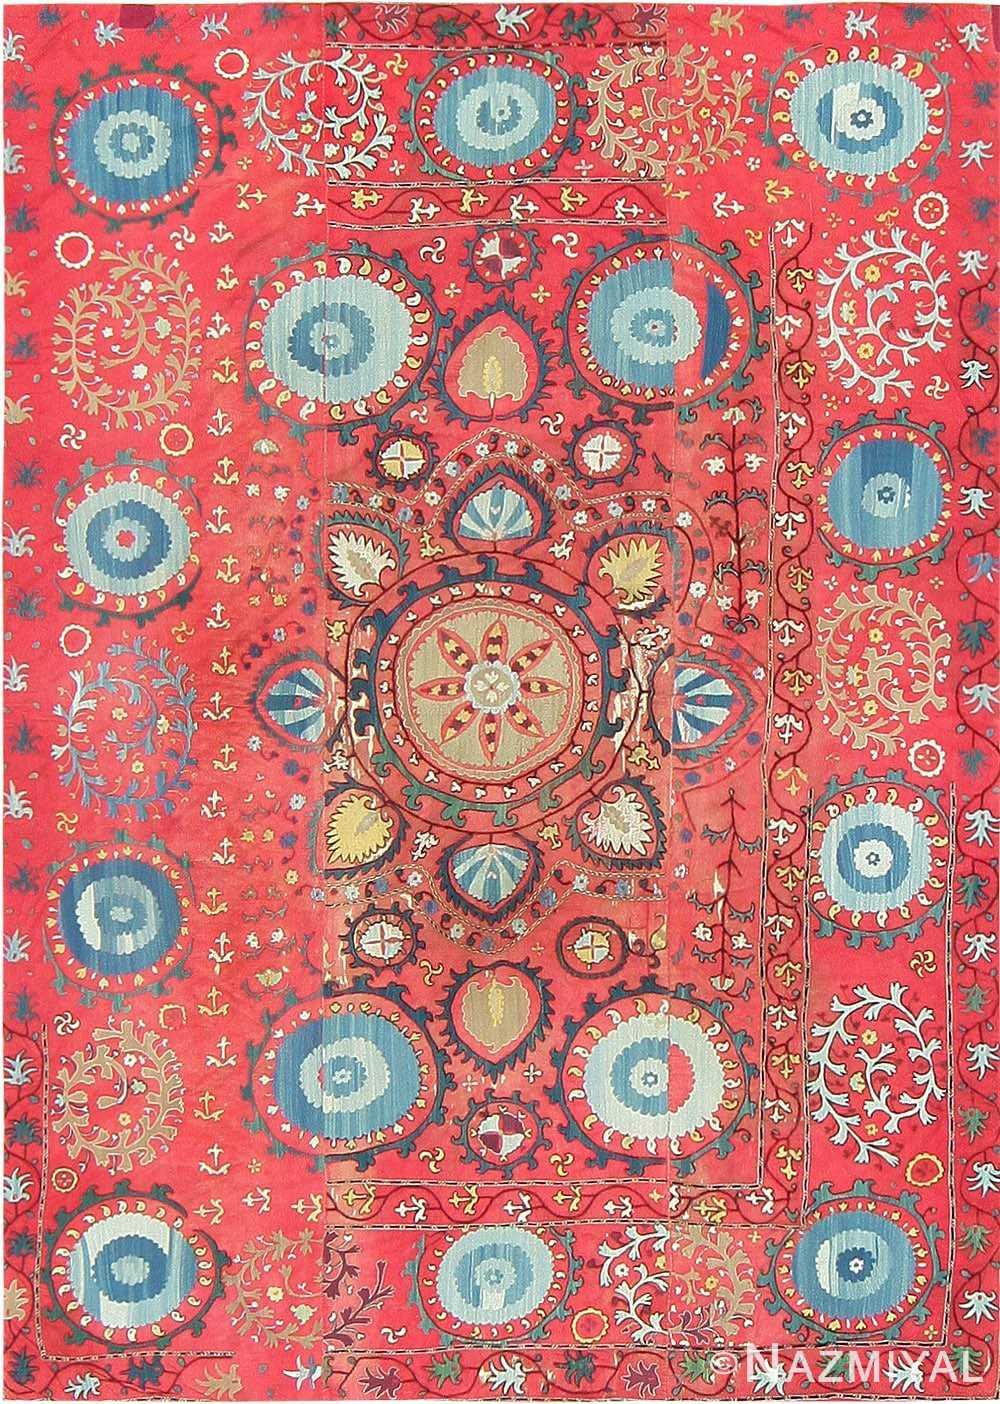 Antique Uzbek Suzani Embroidery Textile 47479 Detail/Large View